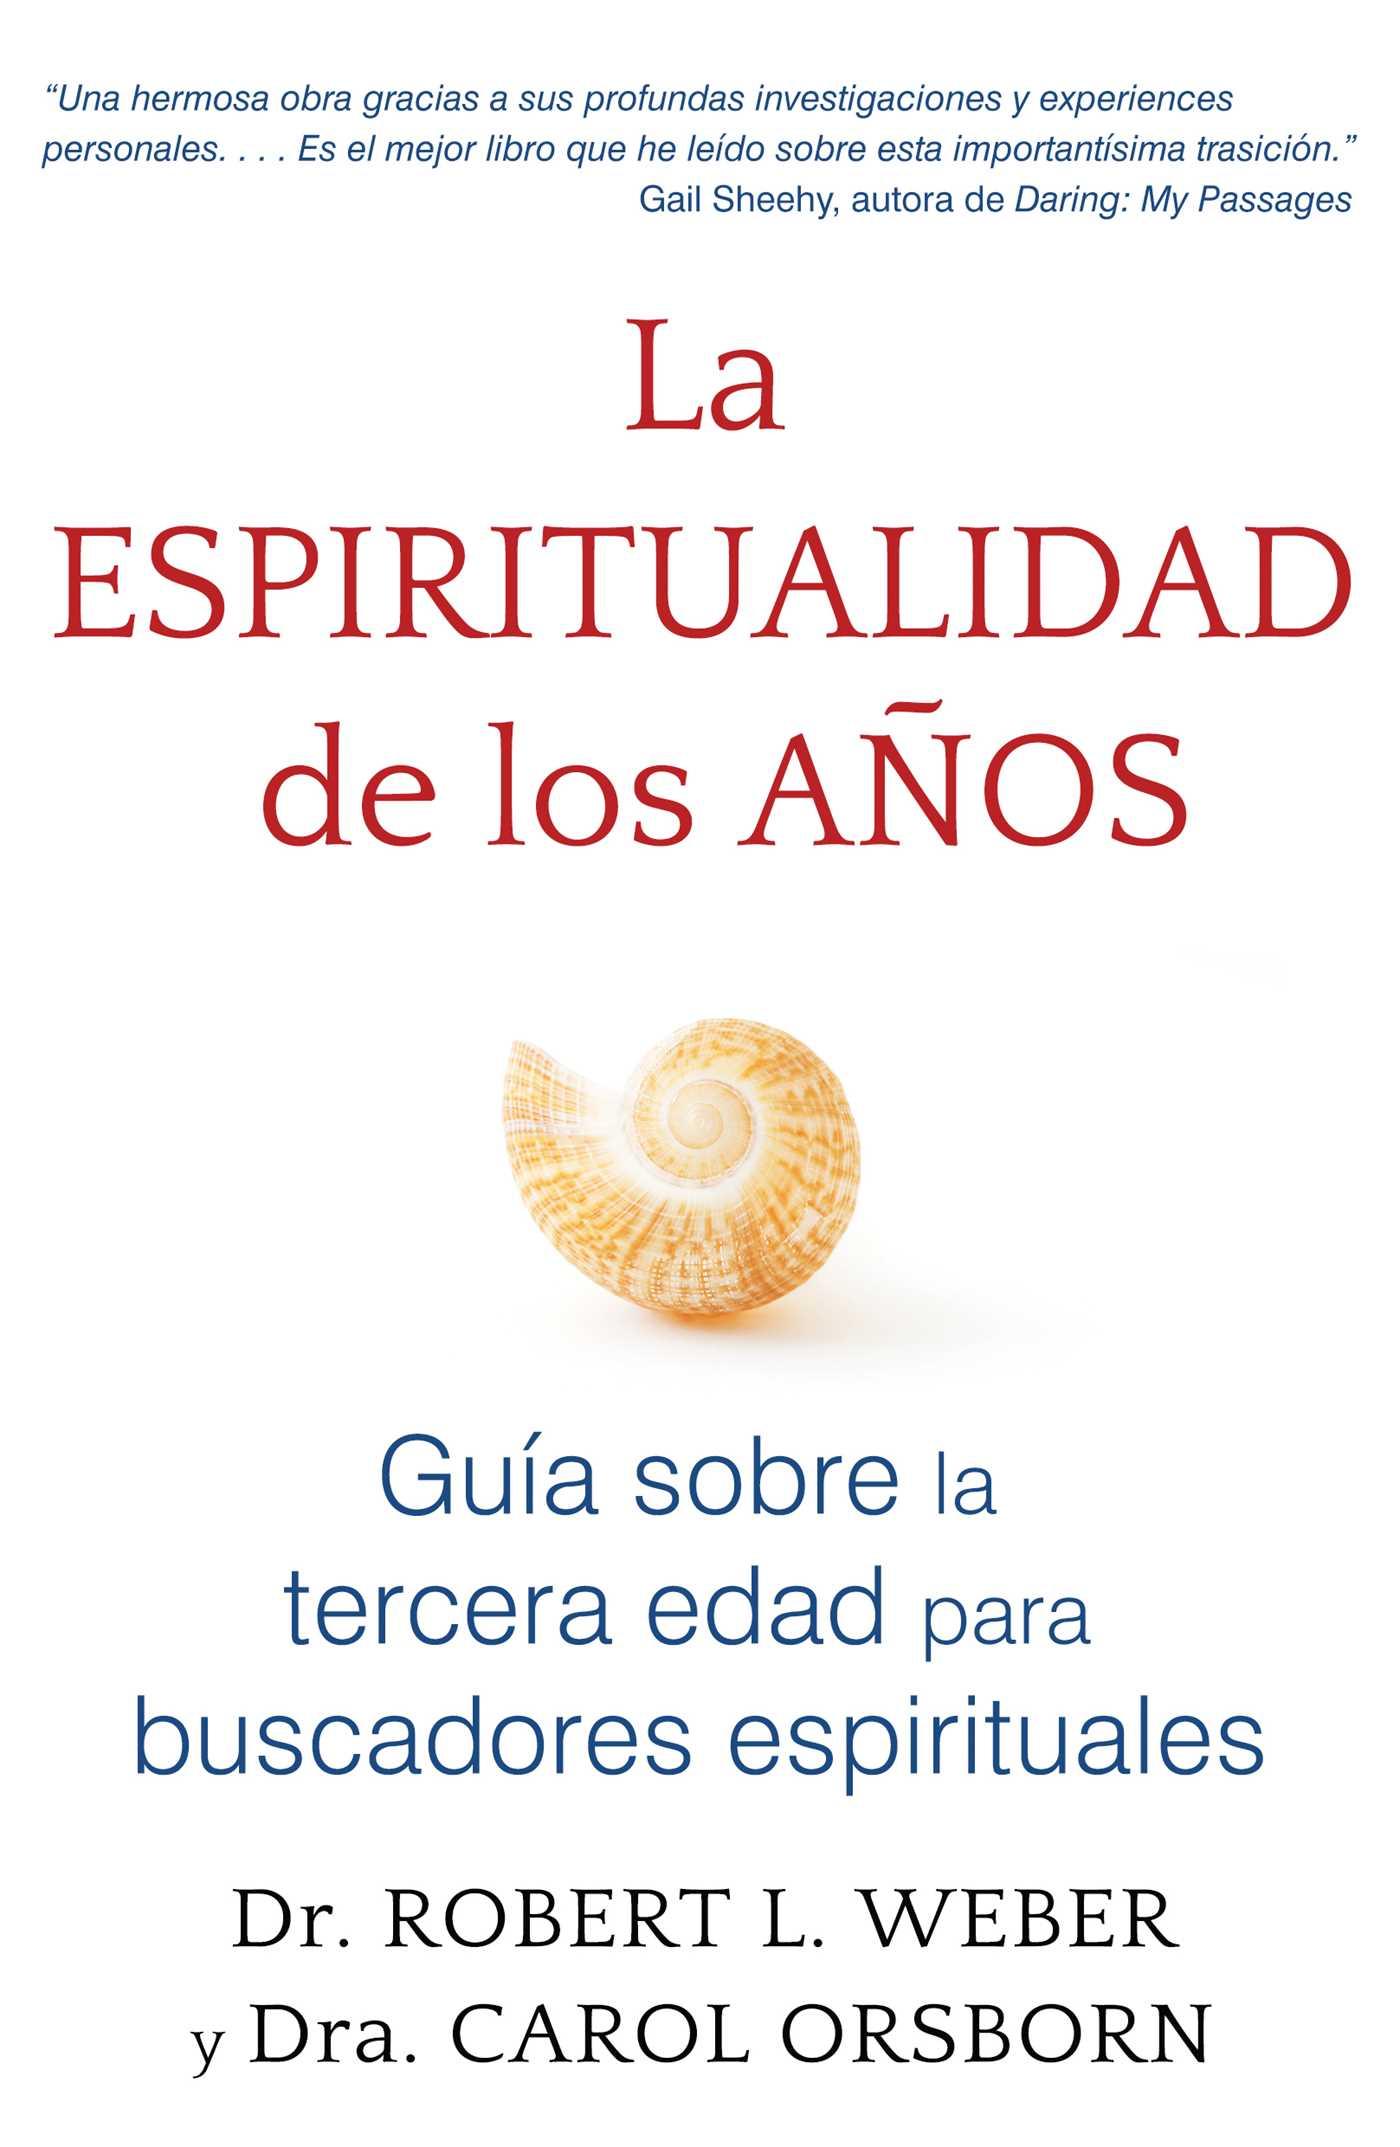 La espiritualidad de los anos 9781620556276 hr